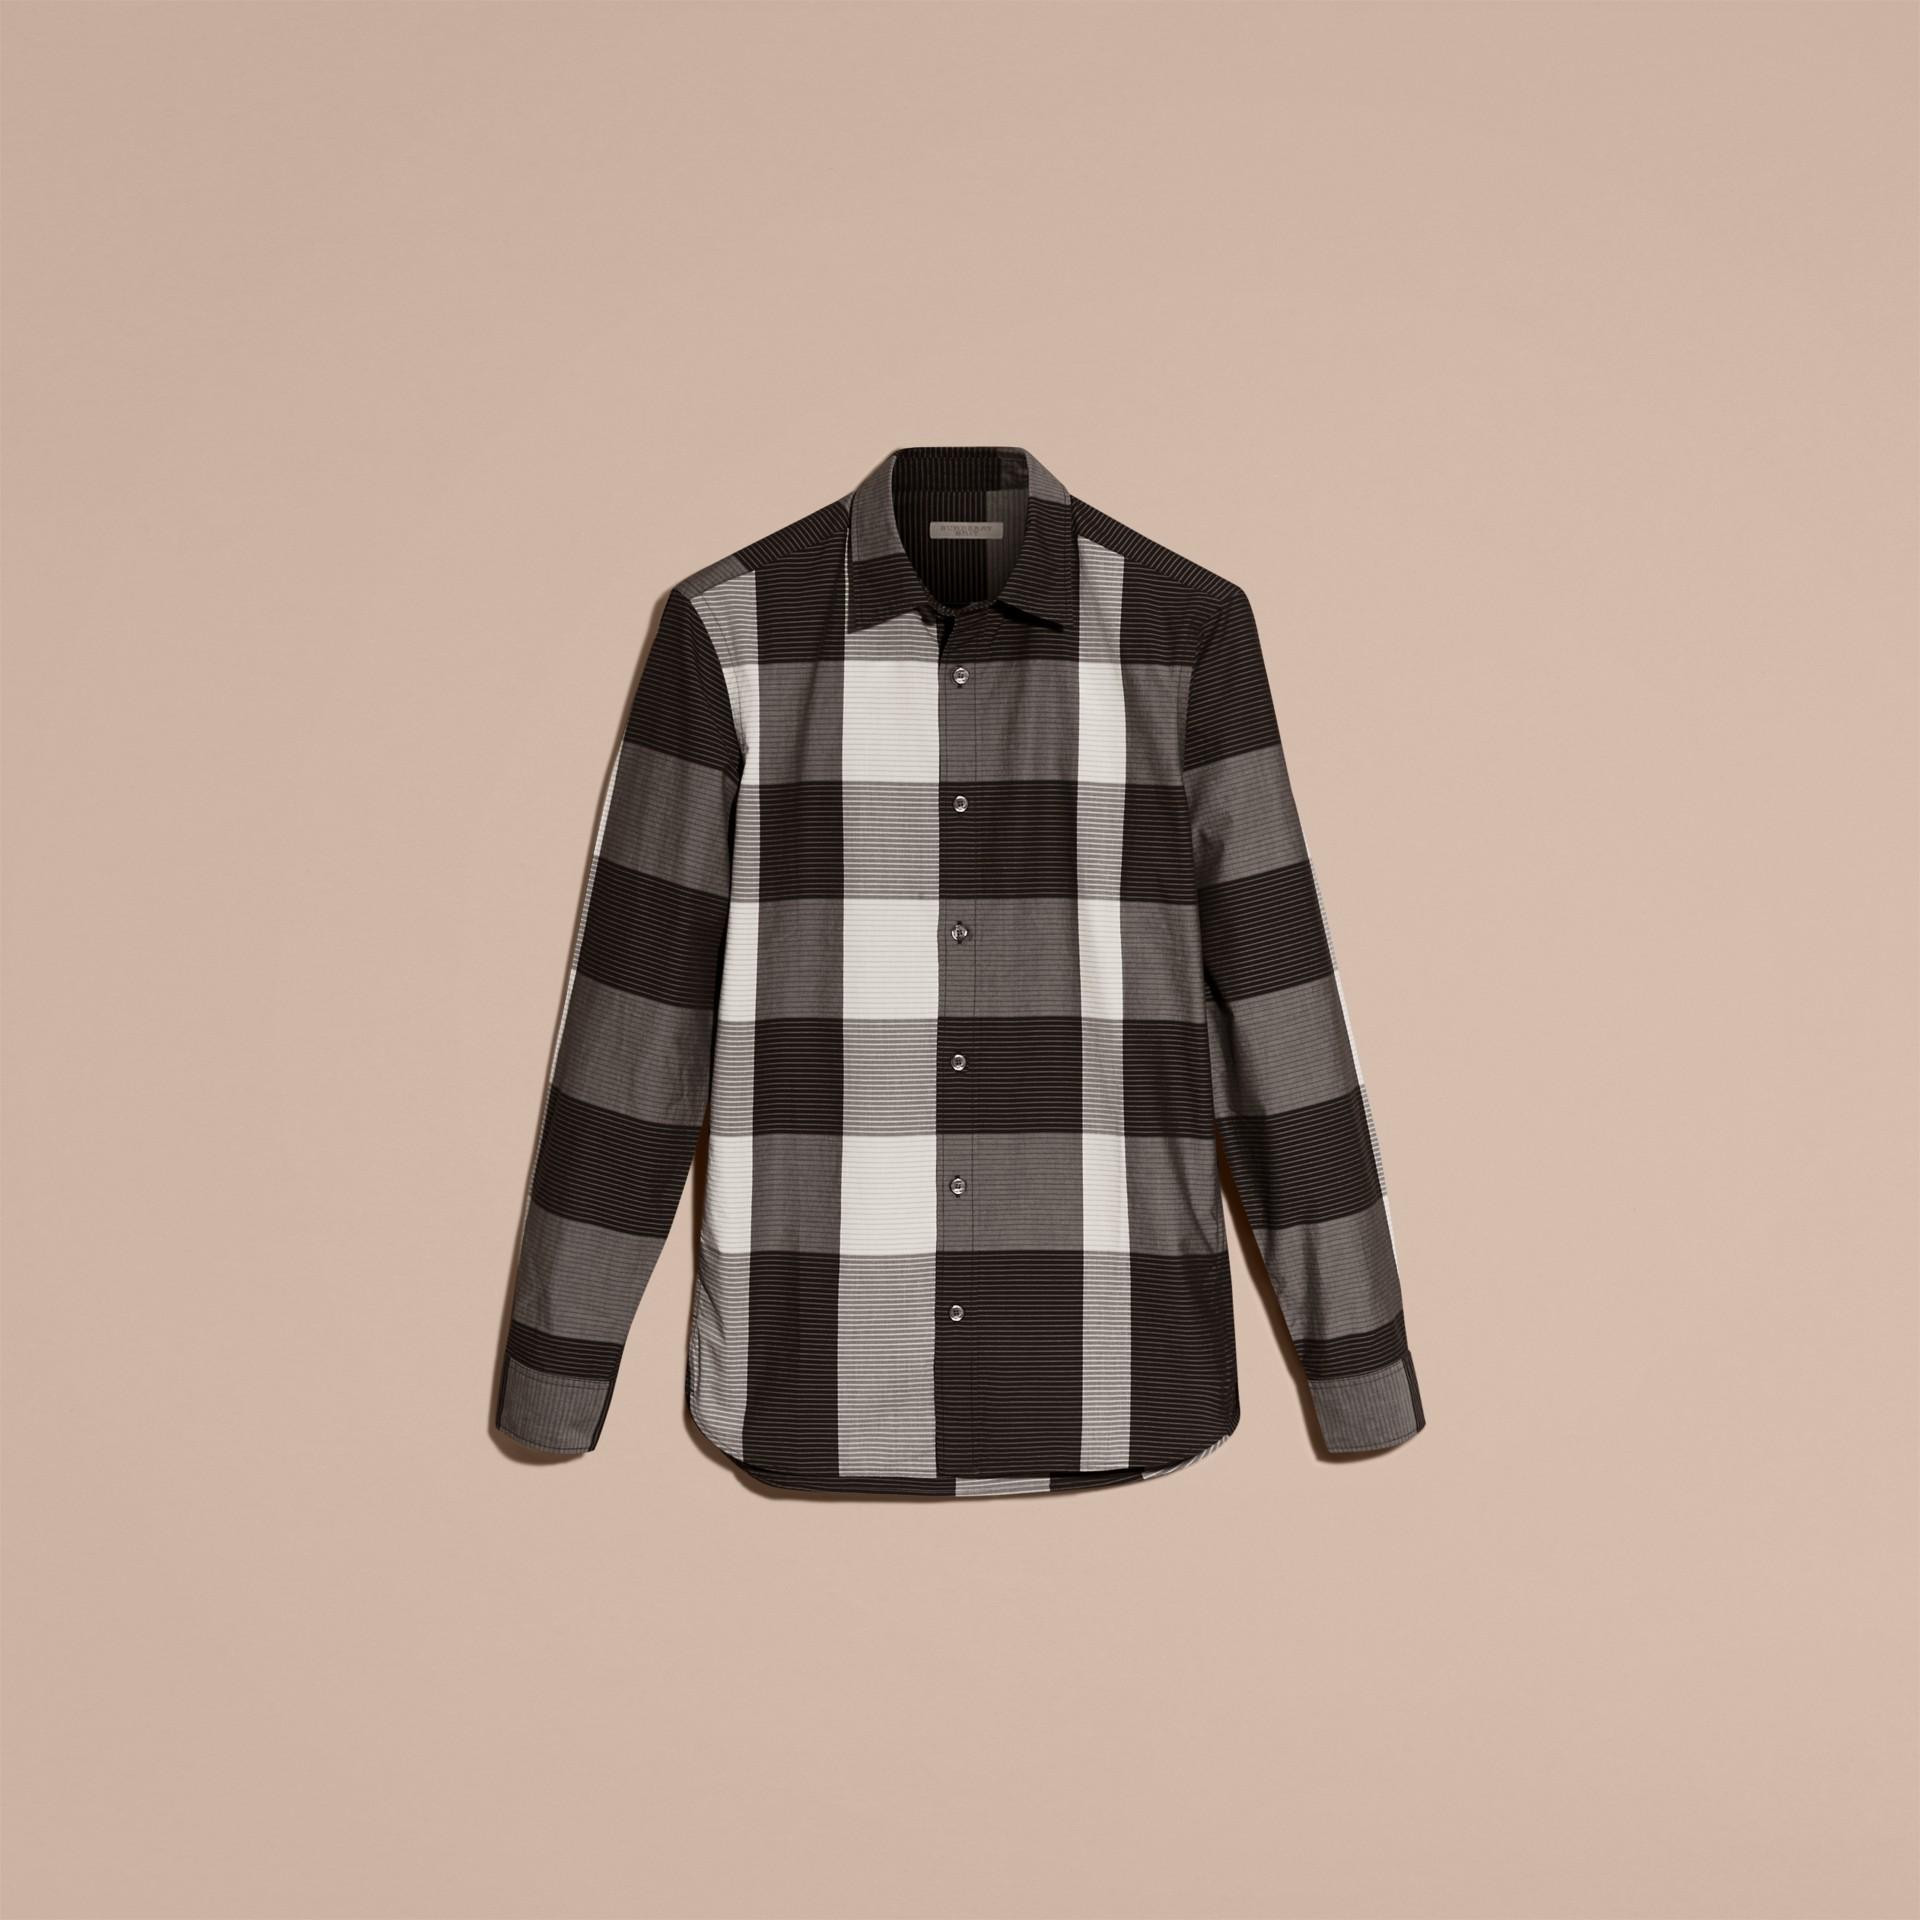 블랙 그래픽 체크 코튼 셔츠 블랙 - 갤러리 이미지 4